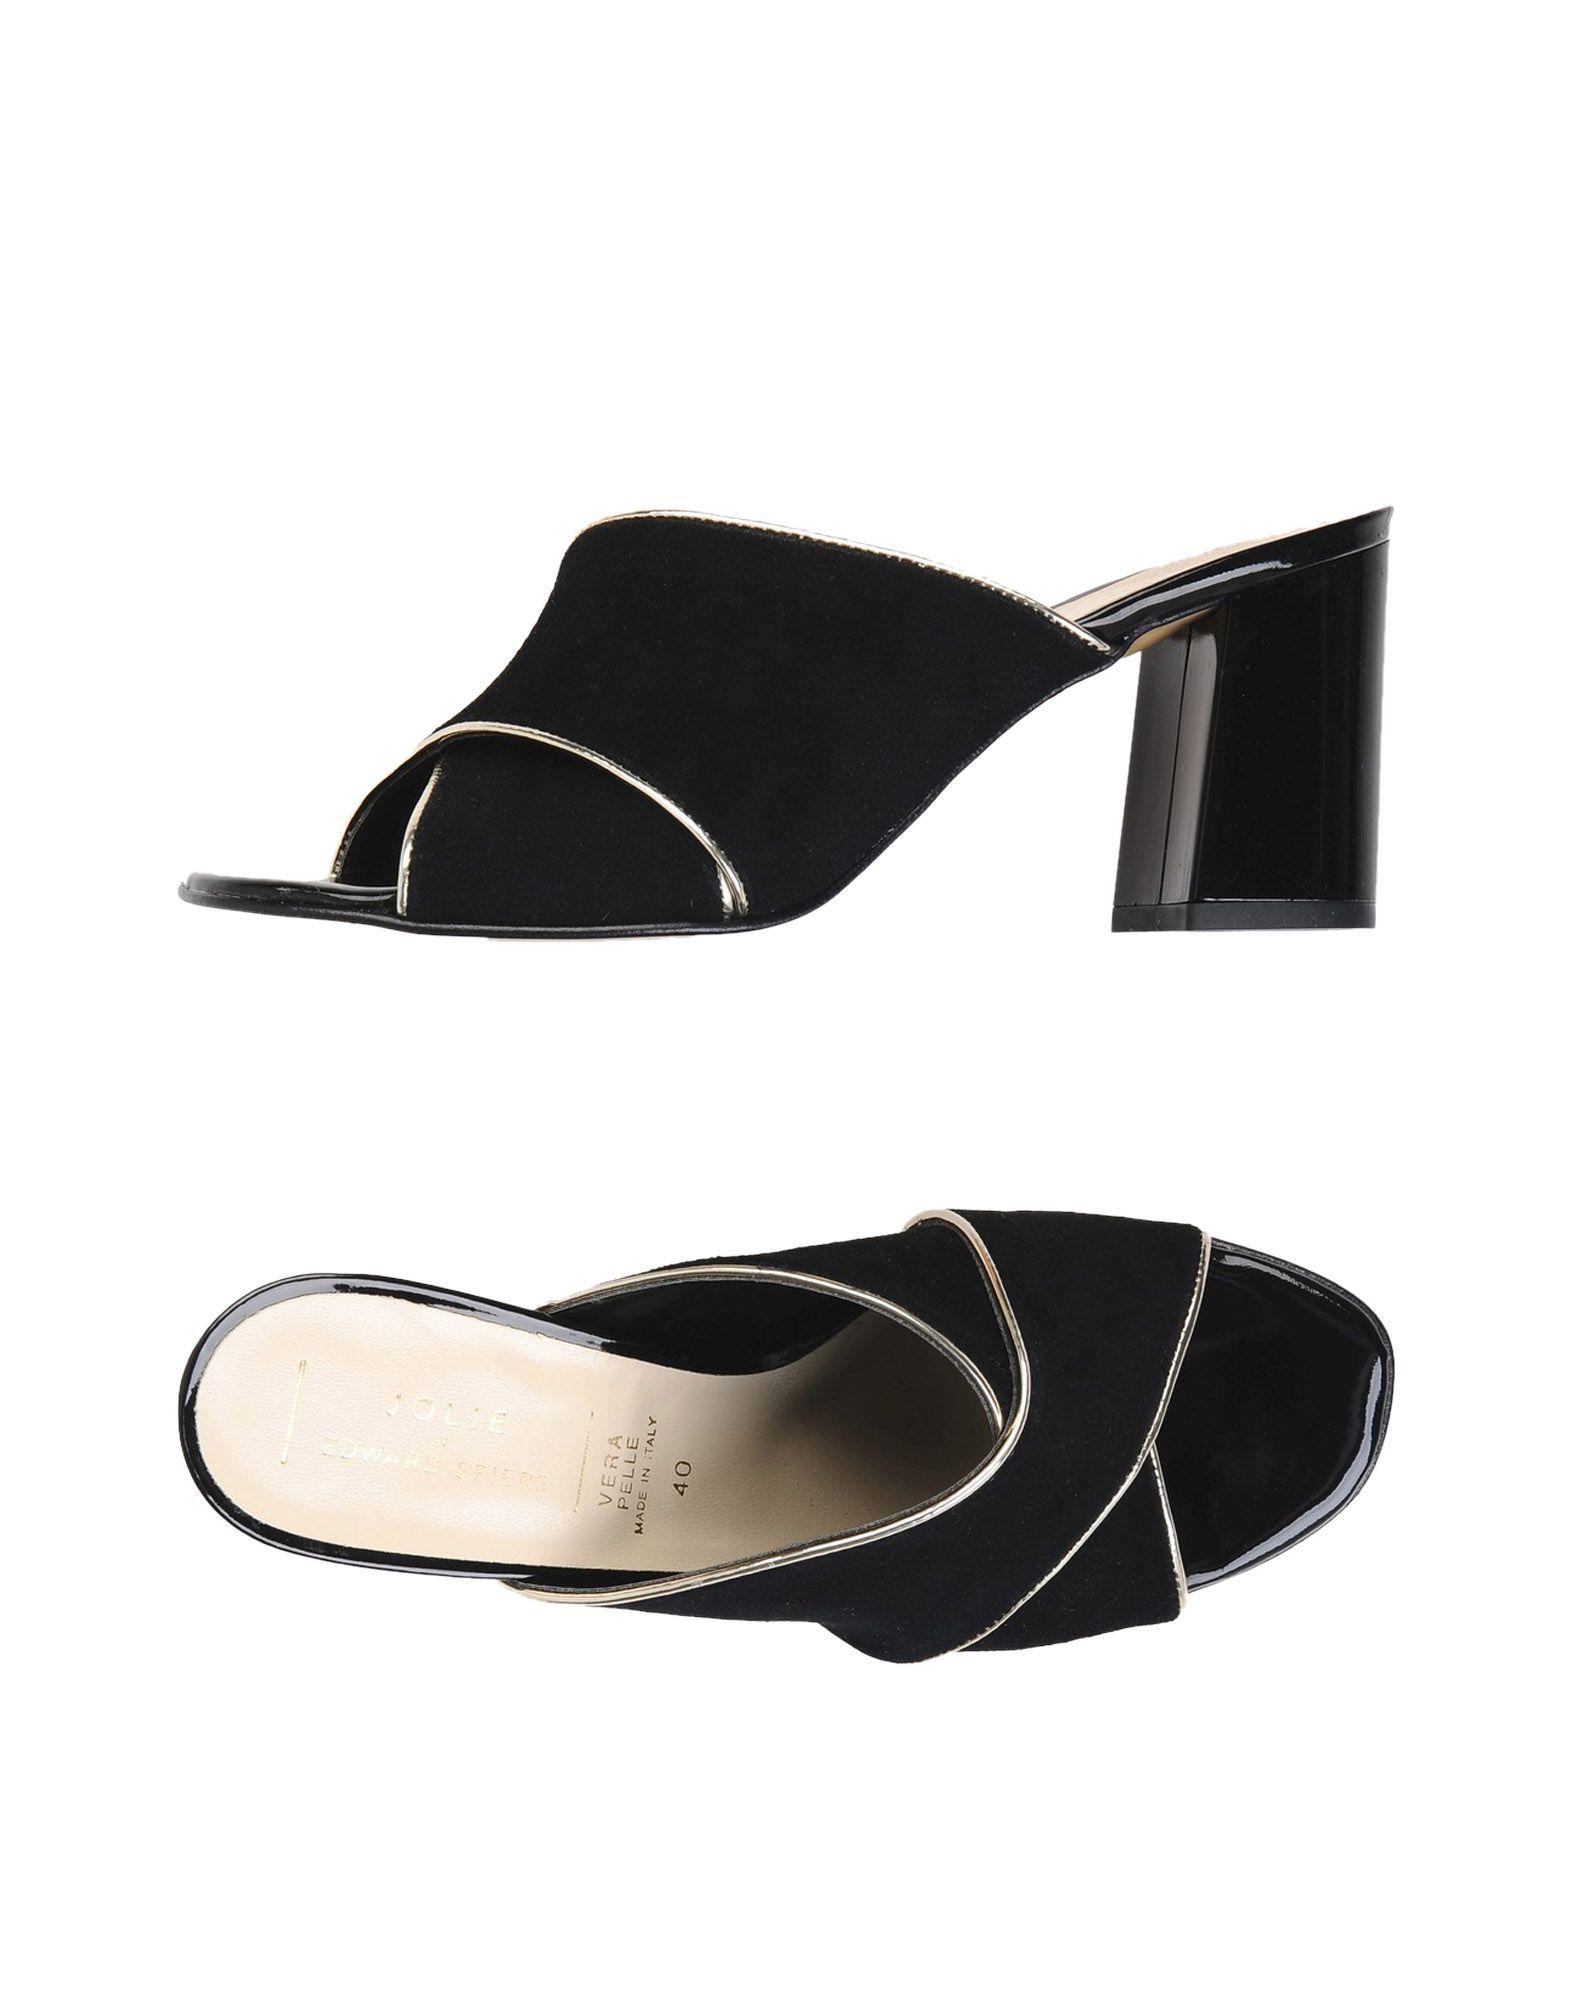 Jolie By Edward Spiers Sandals - Spiers Women Jolie By Edward Spiers - Sandals online on  Australia - 11470331HV 7a0b72